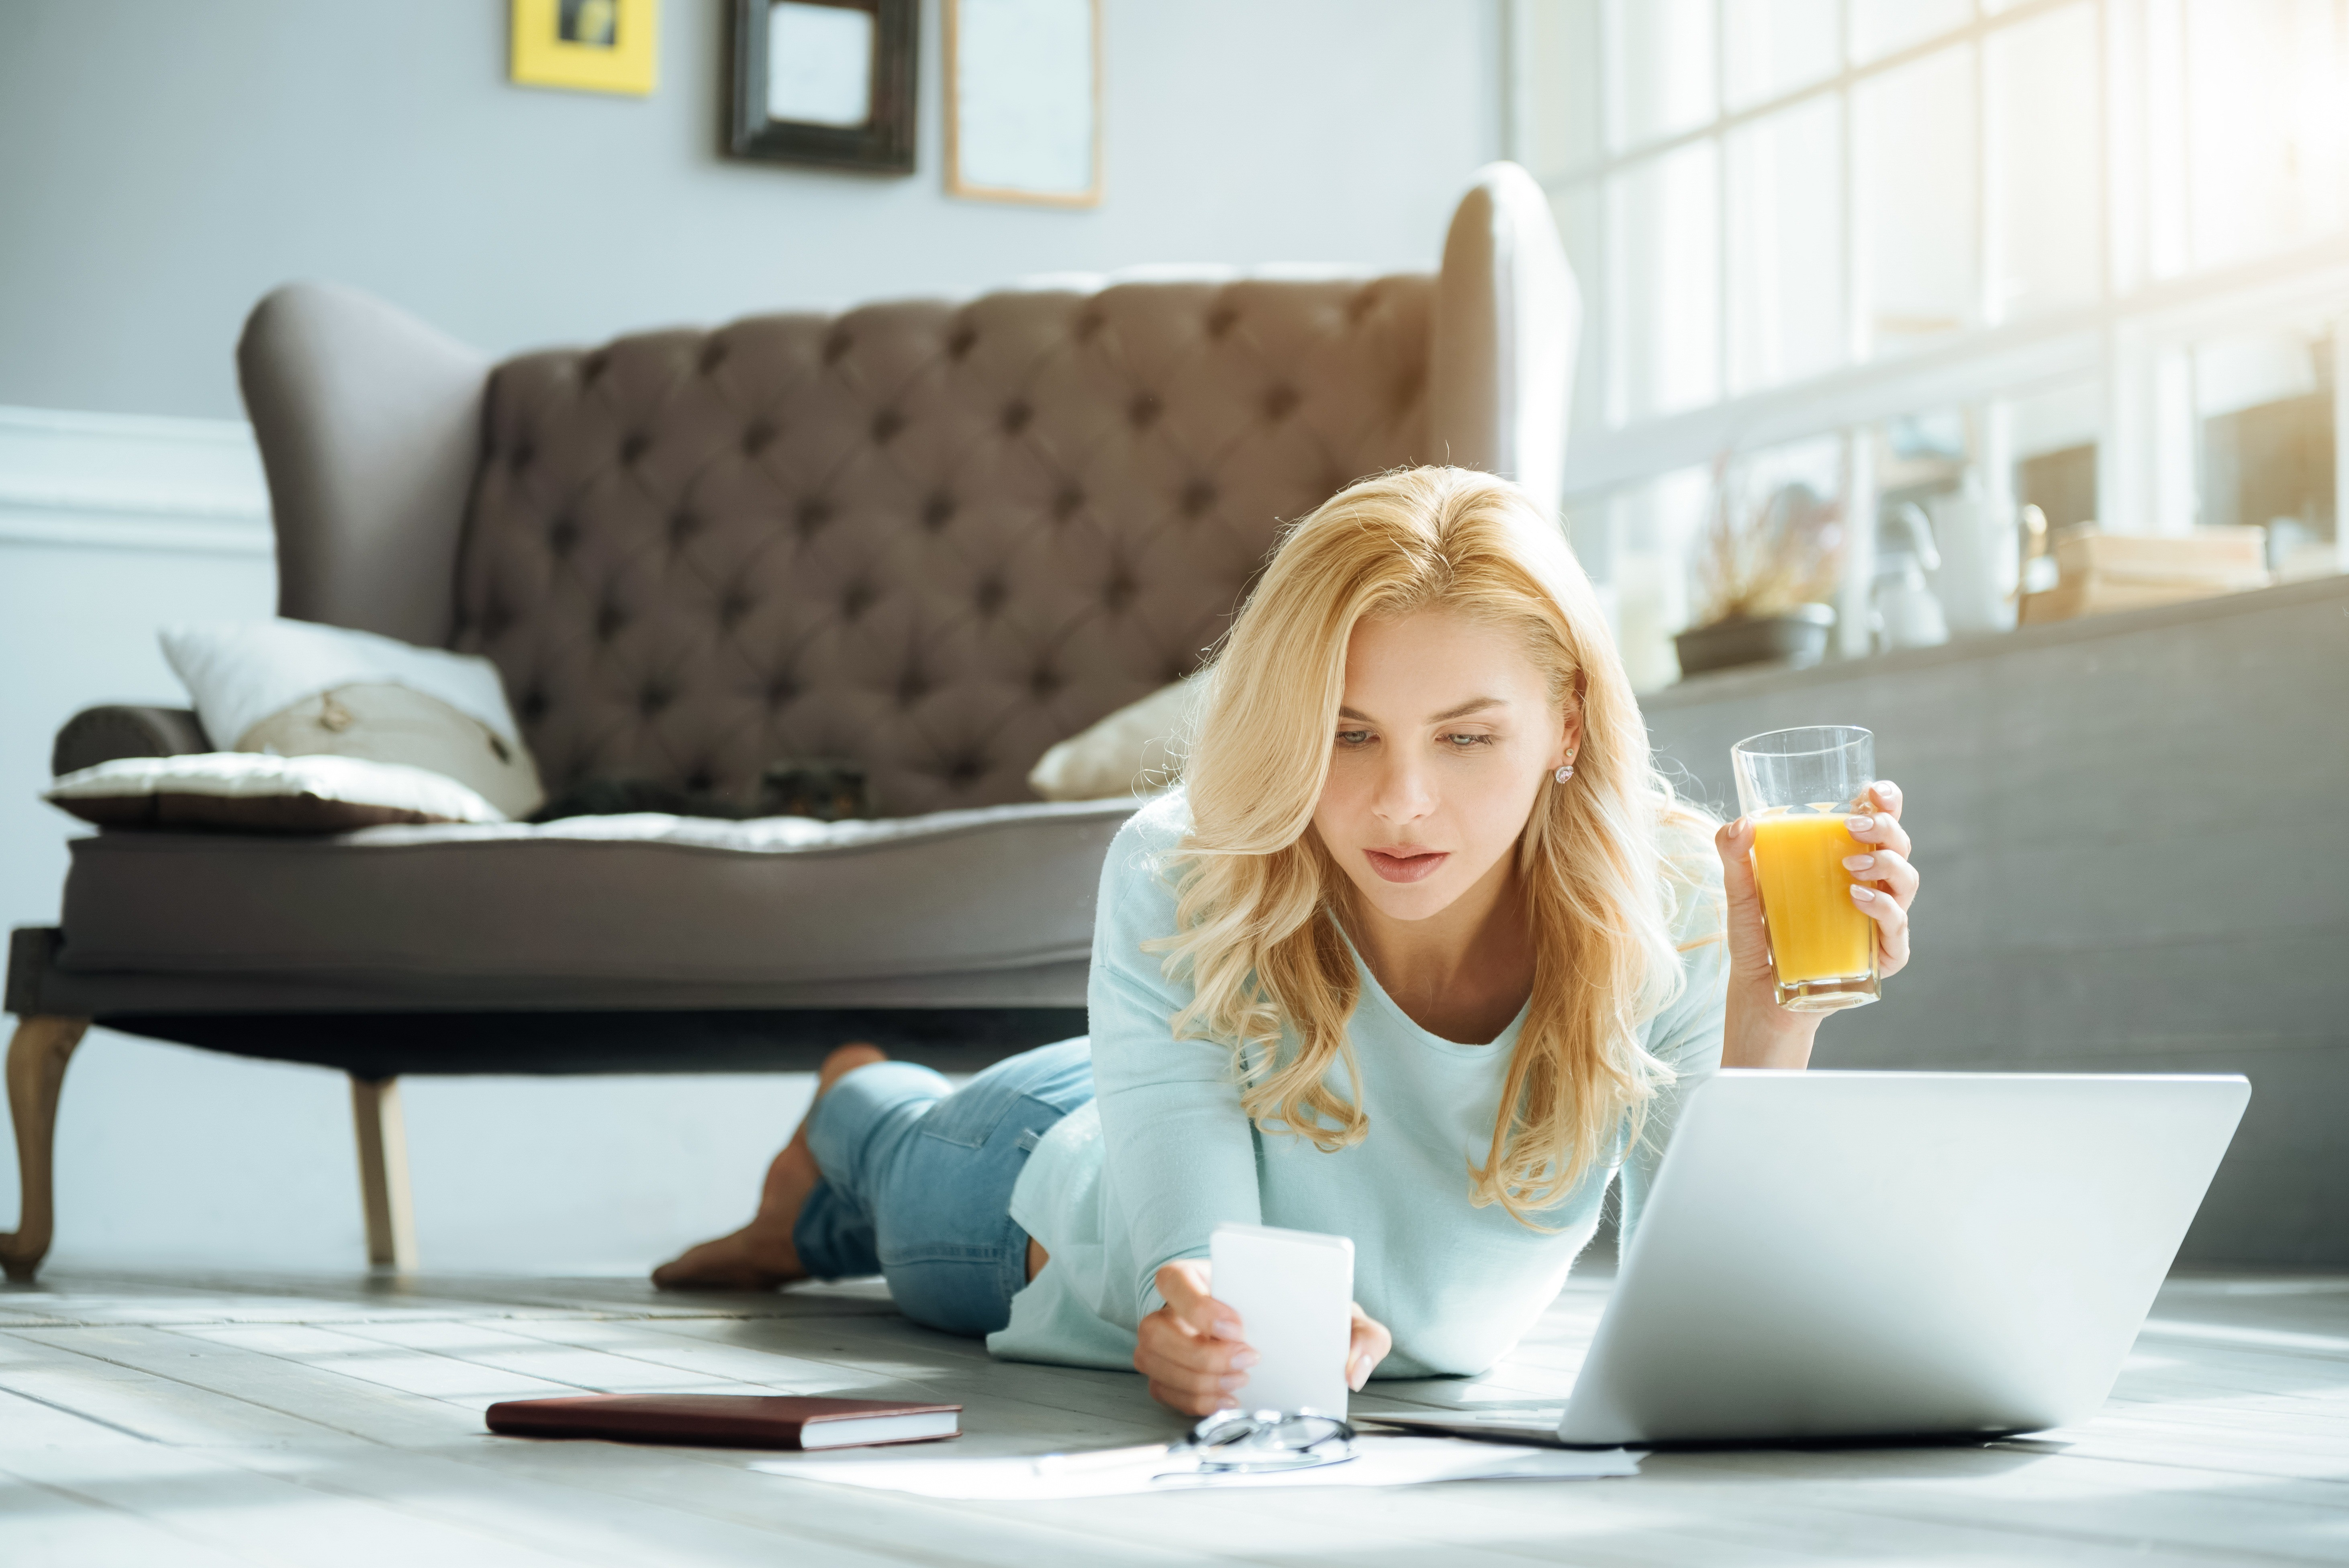 Бизнес дома — идеи для женщин. Плюсы и минусы работы вне офиса